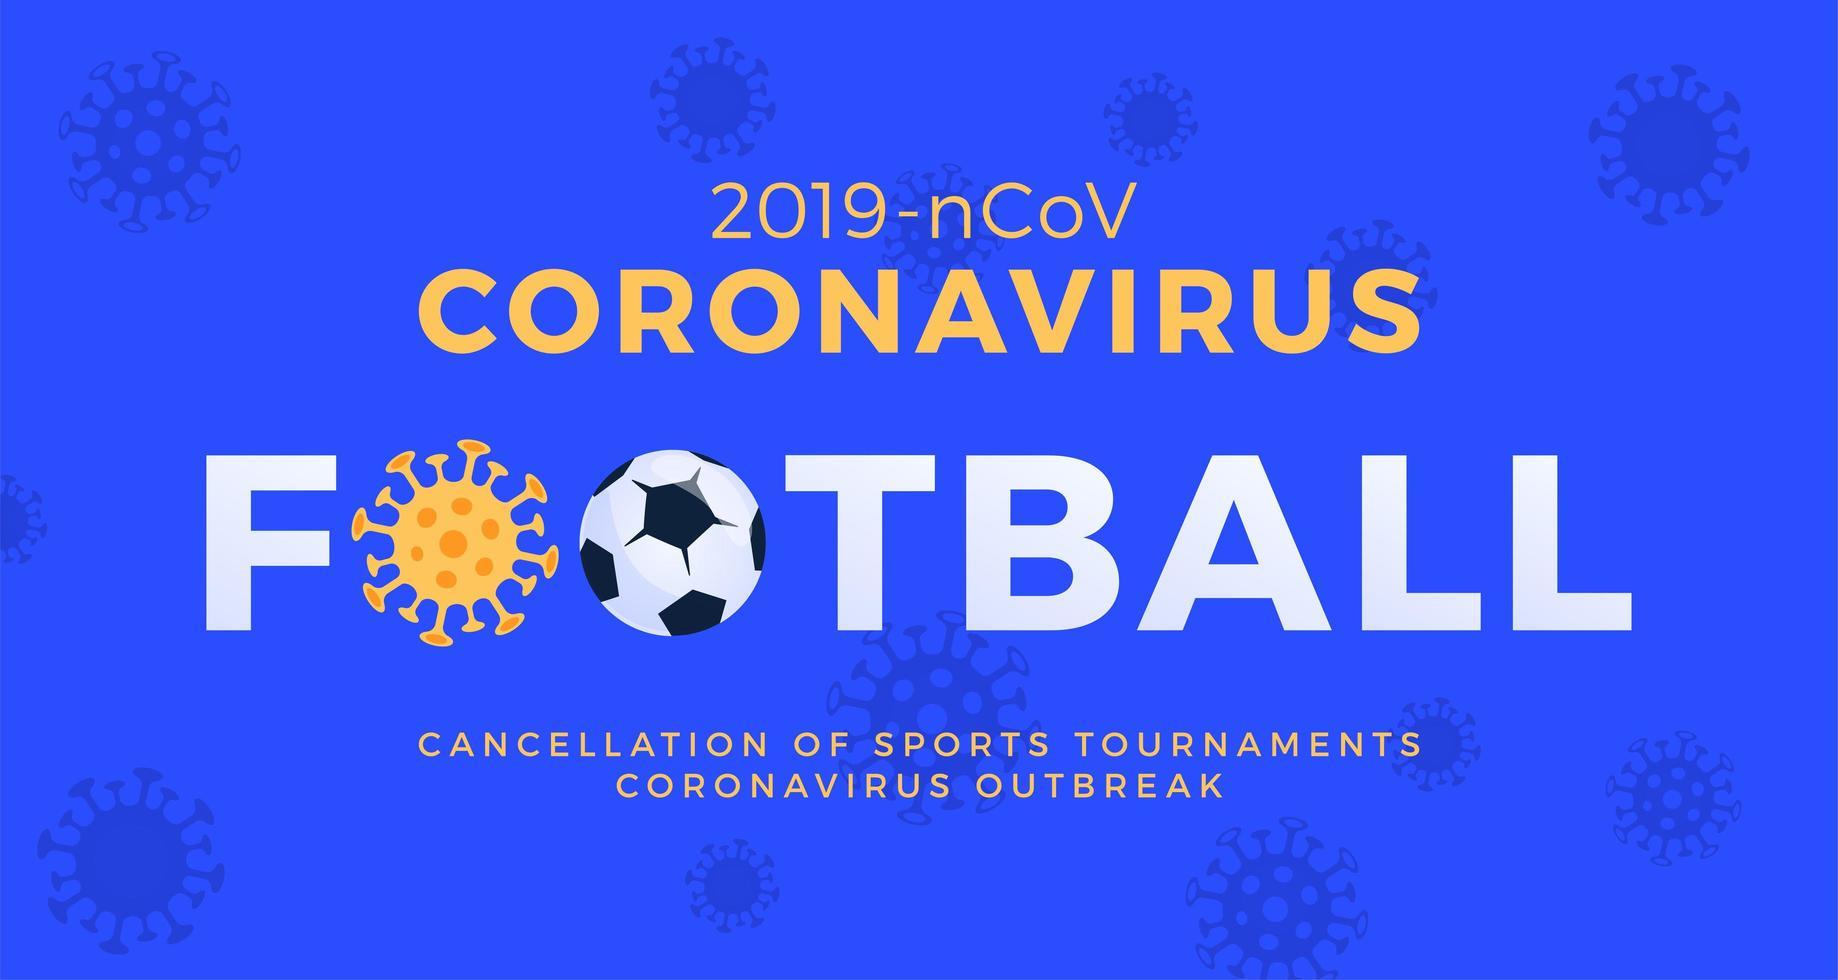 vetor de futebol bandeira cautela coronavirus. parar o surto de ncov de 2019 perigo de coronavírus e risco de saúde pública, doença e surto de gripe. cancelamento de eventos esportivos e conceito de partidas